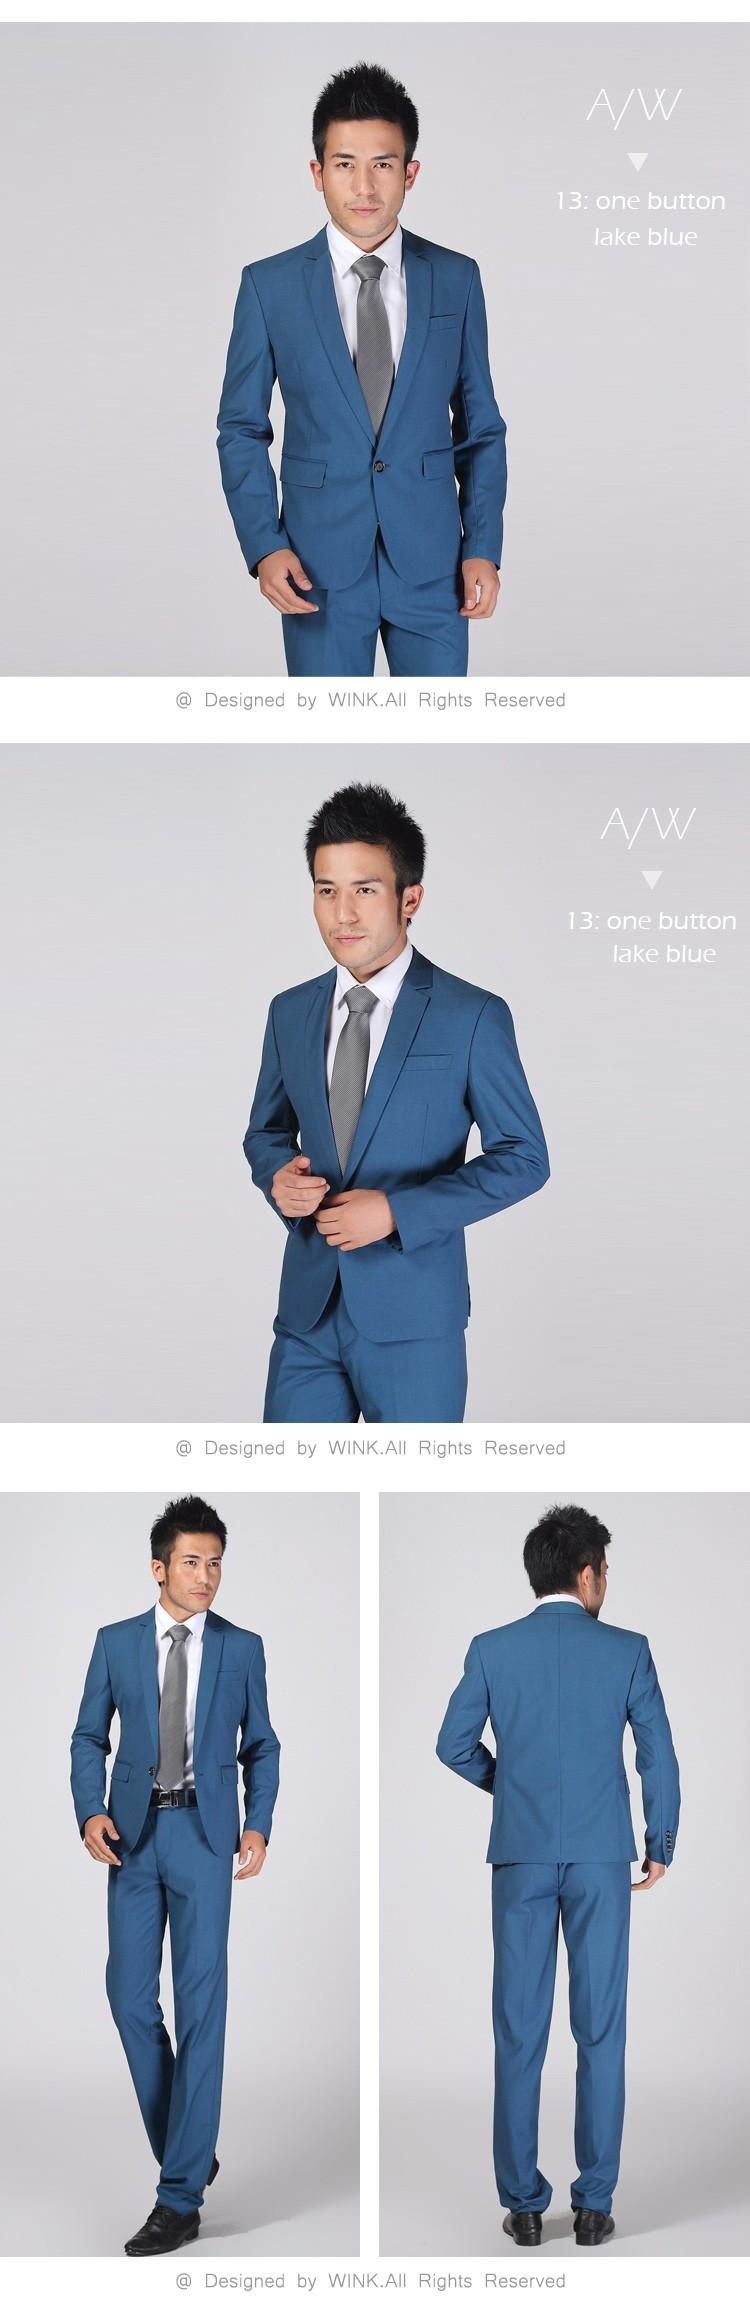 HTB1d5gcLVXXXXXYXXXXq6xXFXXXj - (Jacket+Pant+Tie) Men Wedding Suit Sets Tuxedo Formal Fashion Slim Fit Business Dress Suits Blazer Brand Party Masculino Suits